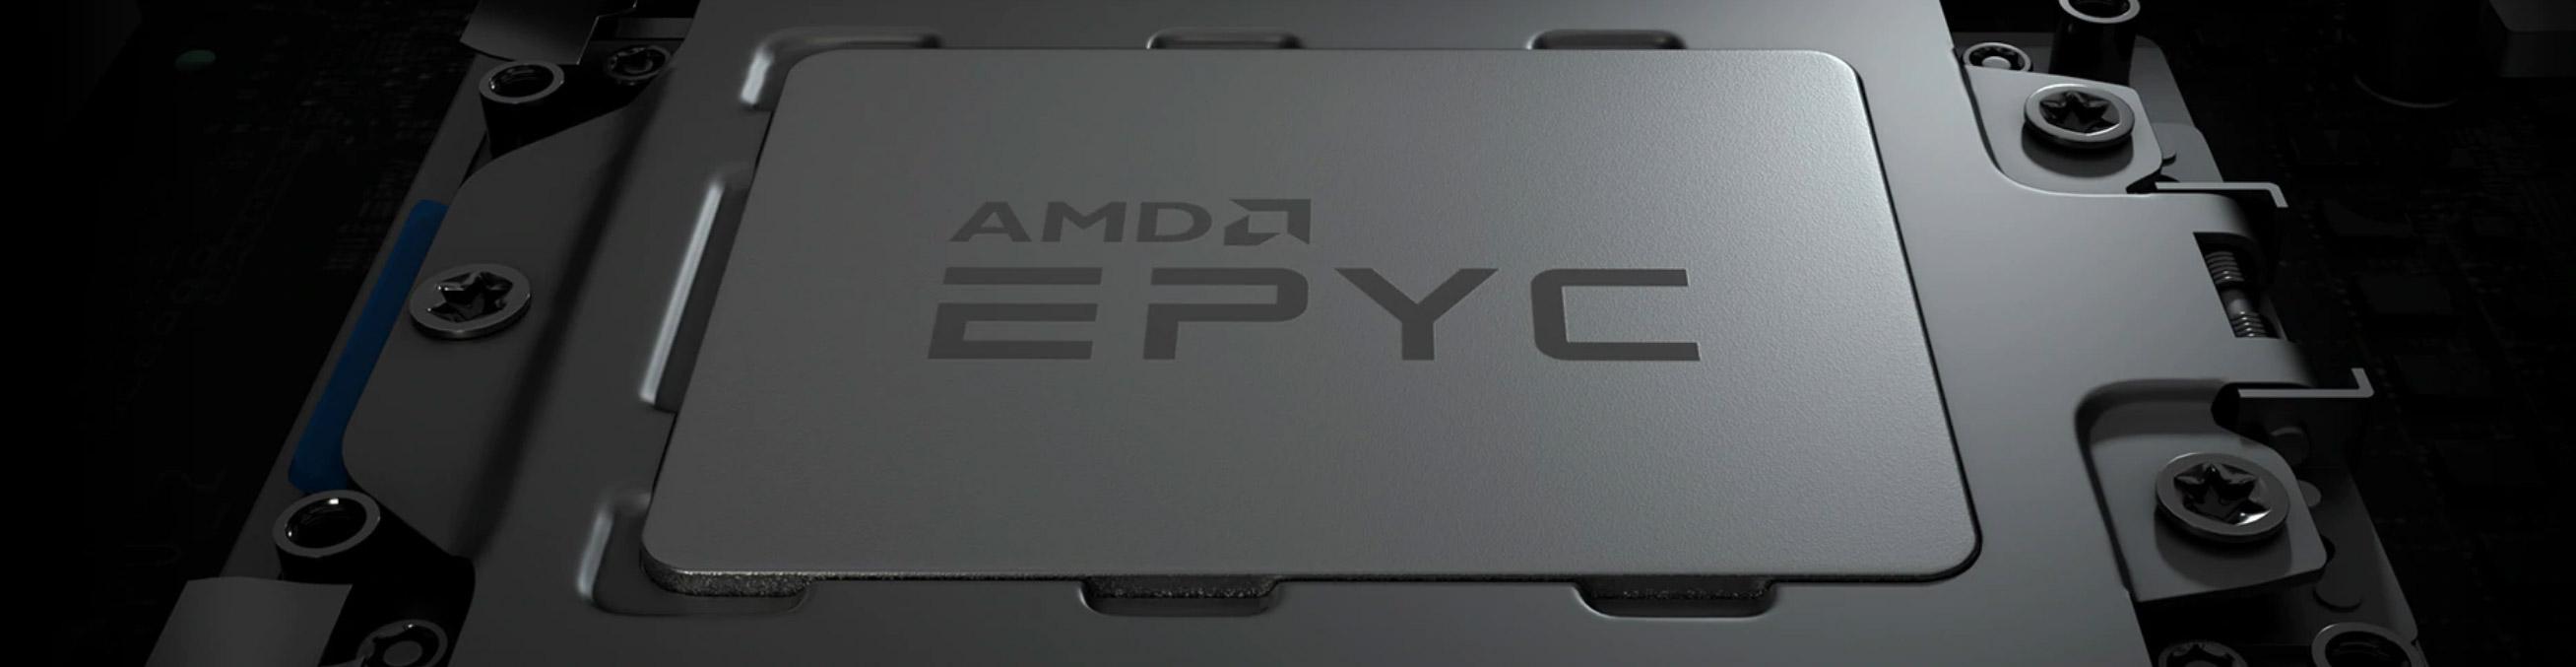 AMD EPYC 7002 Workstations